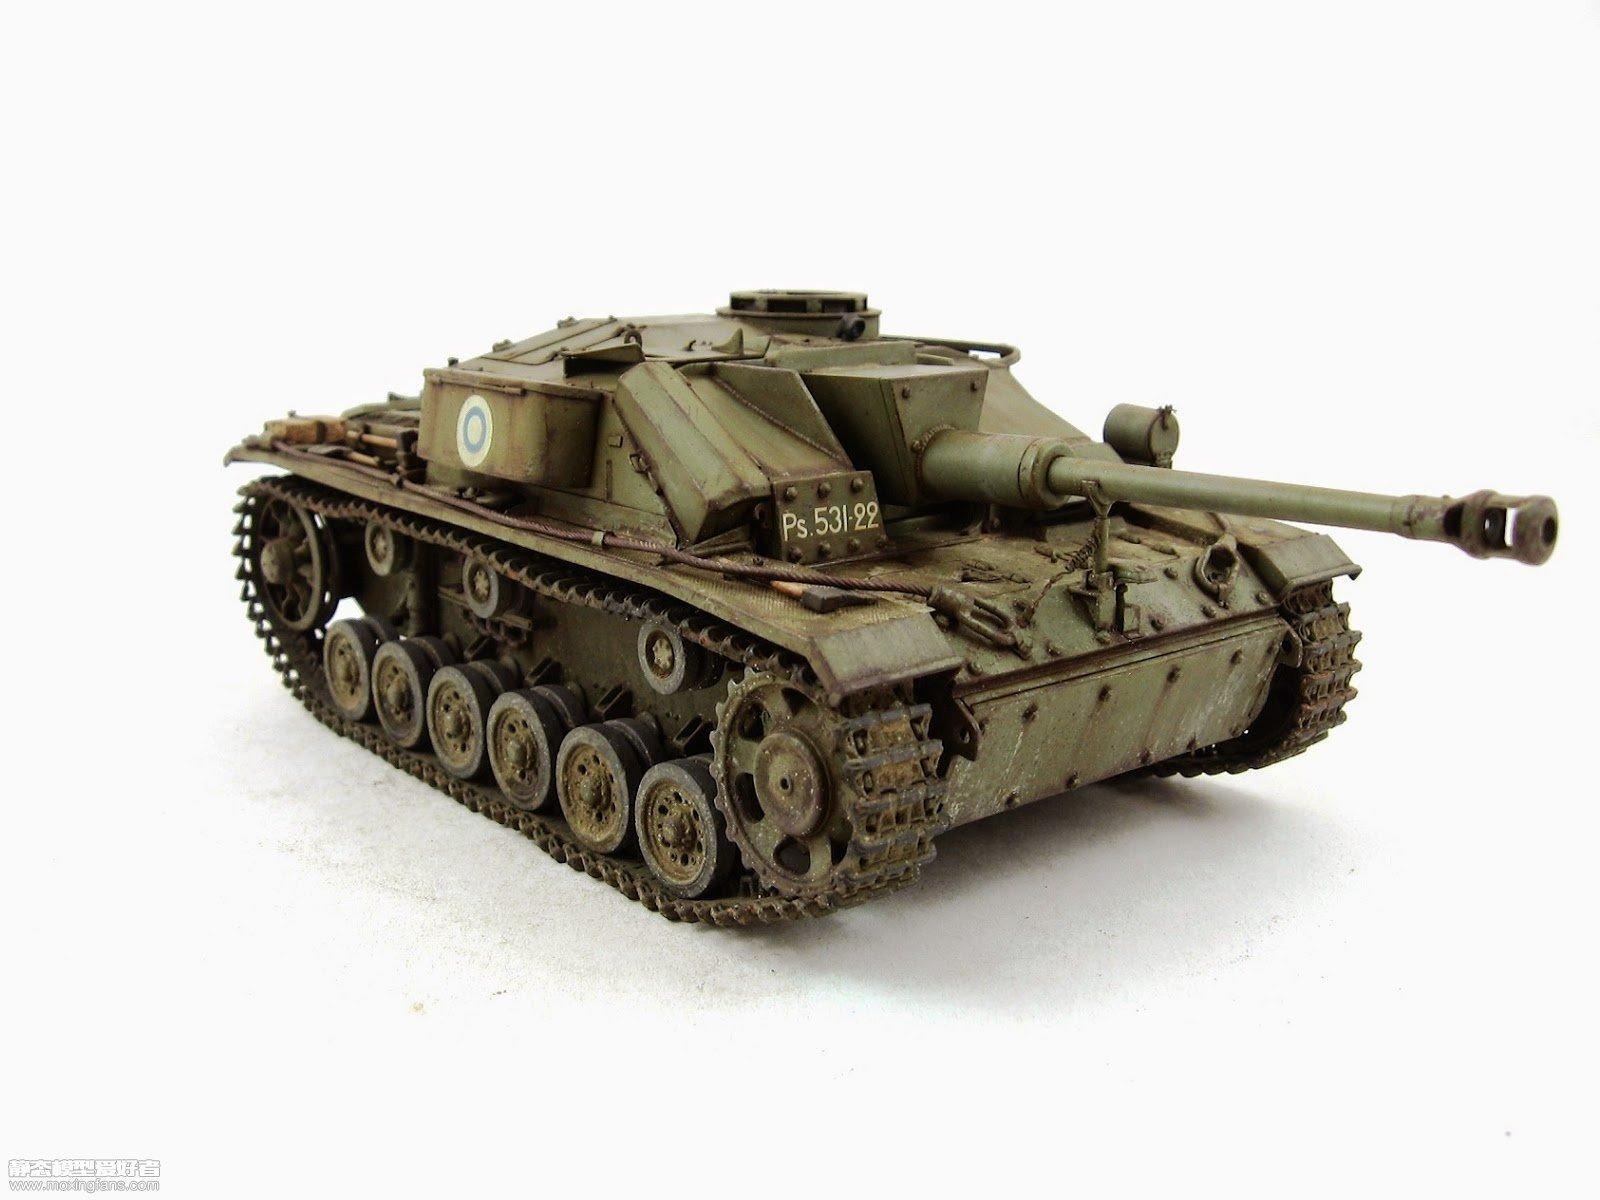 95突击车_Sturmi50--三号突击炮芬兰型(威龙)_静态模型爱好者--致力于打造 ...